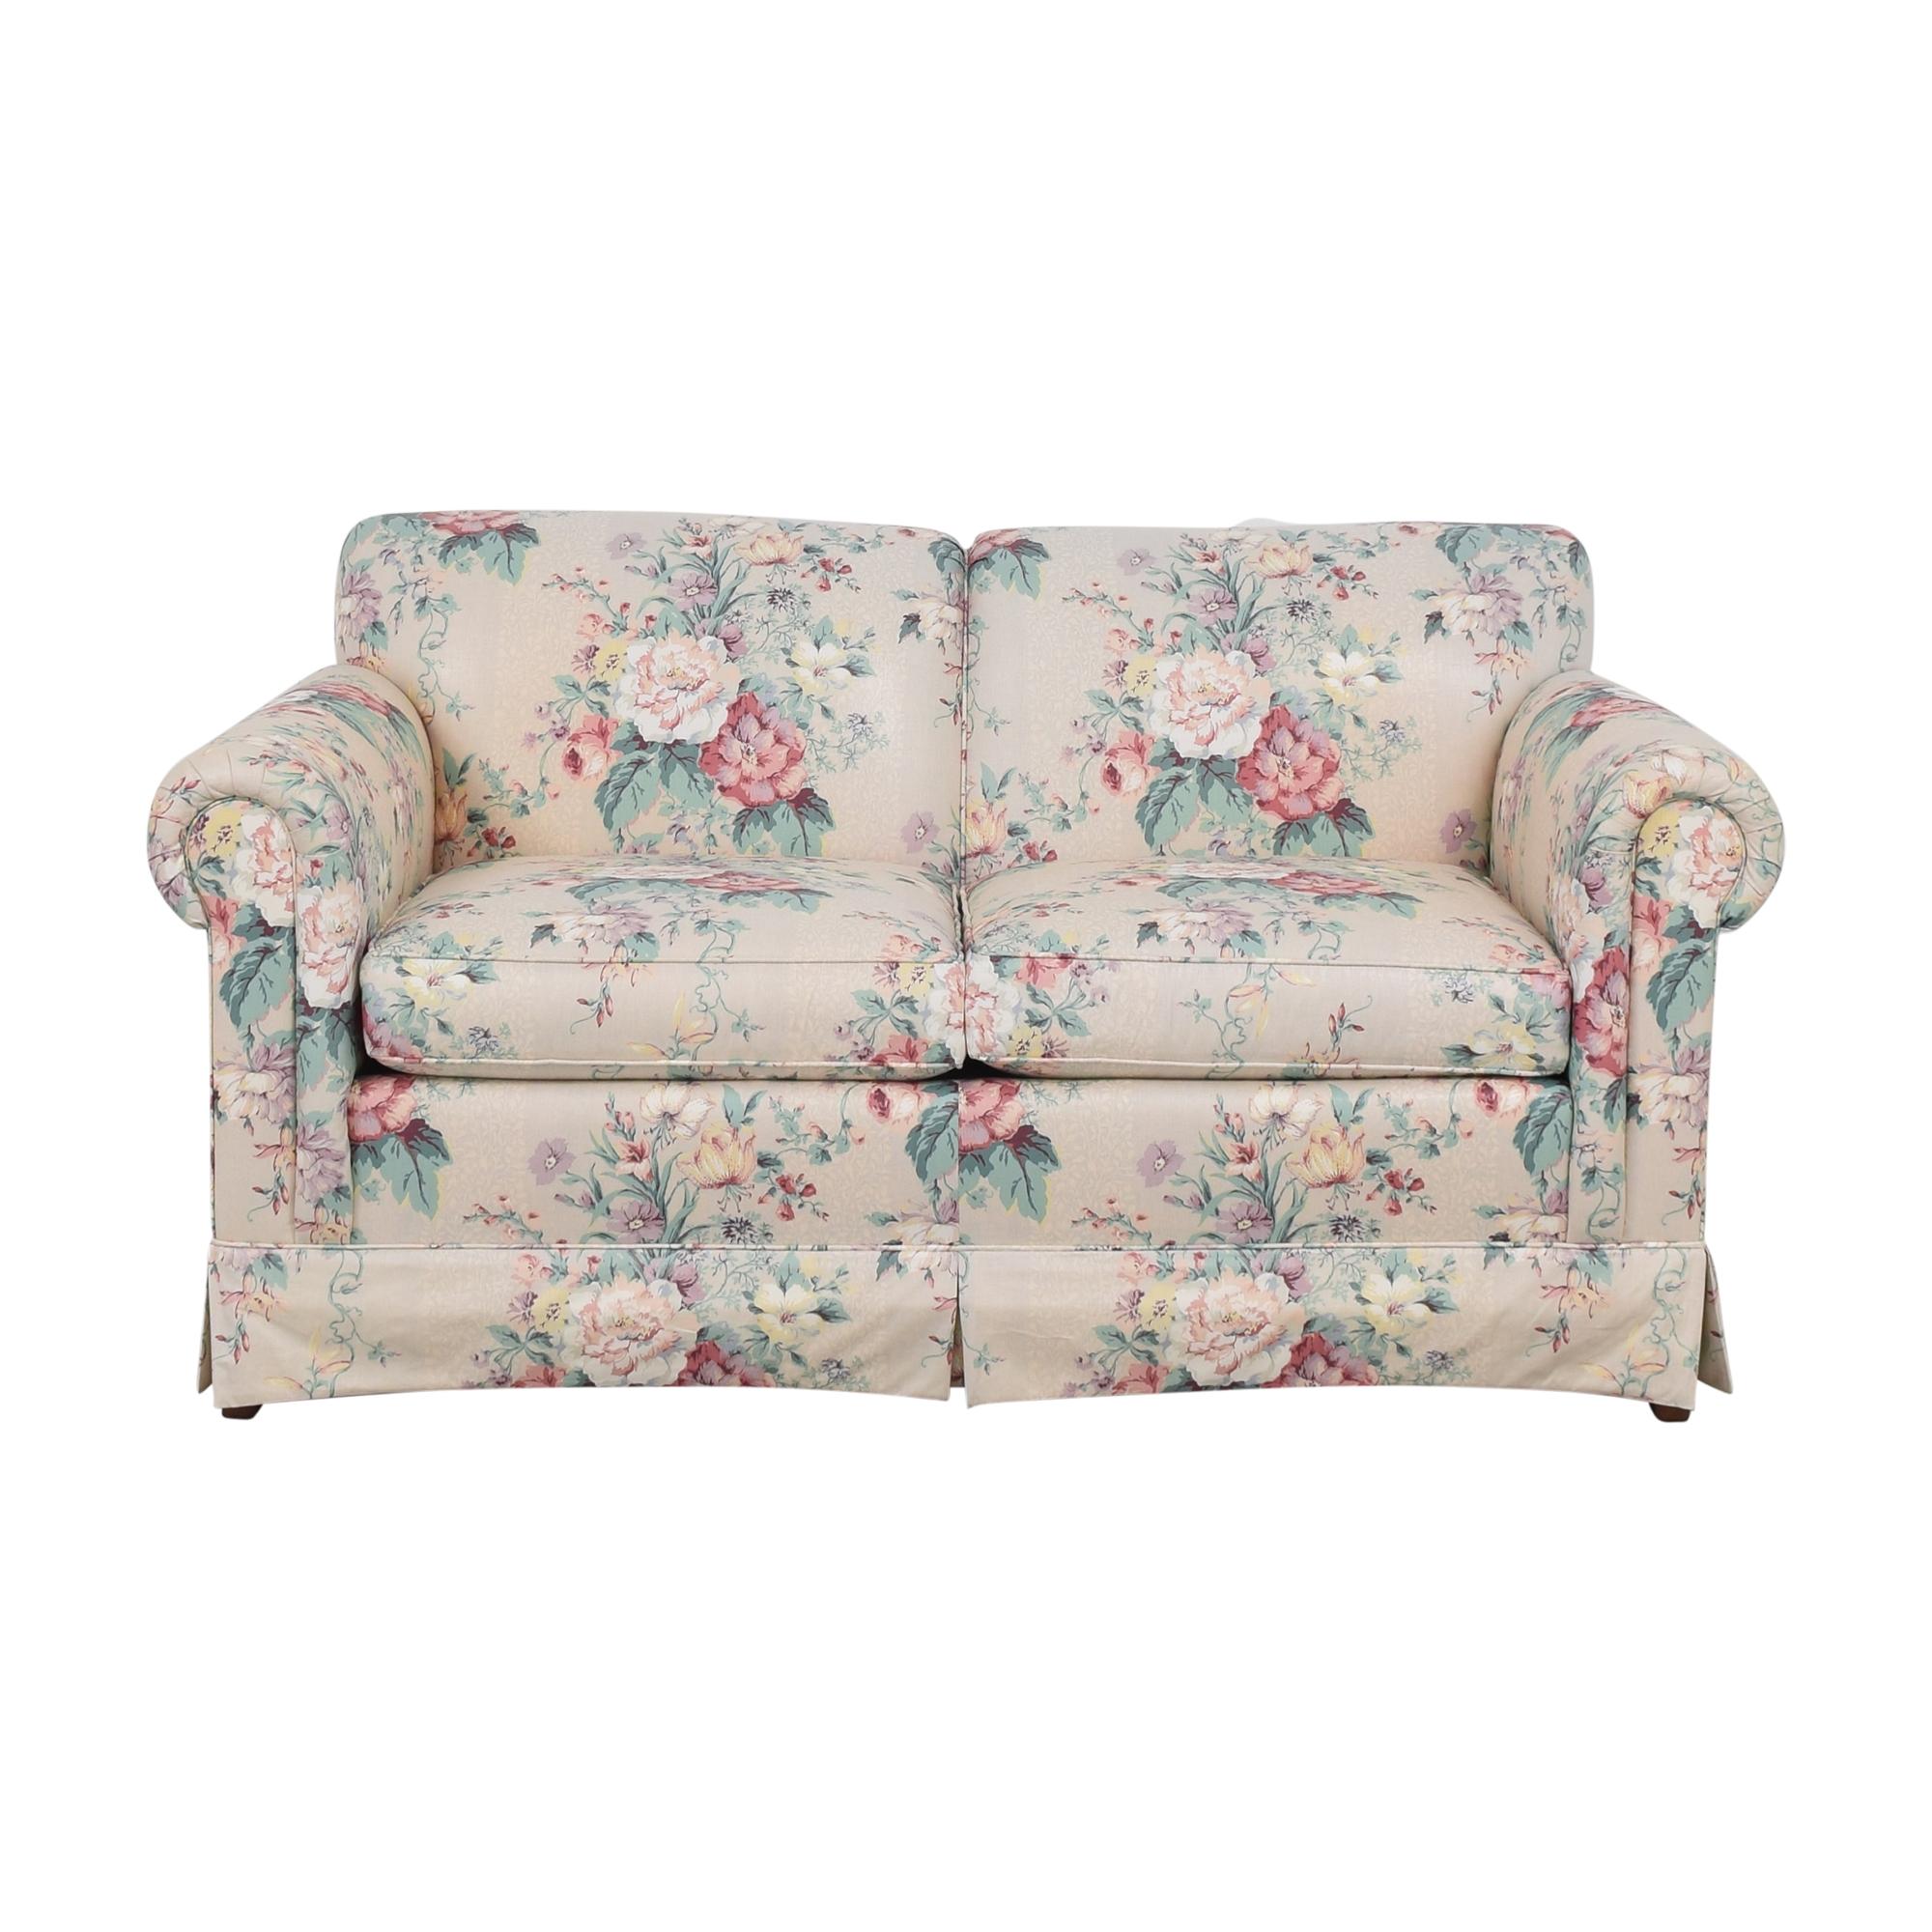 Ethan Allen Upholstered Loveseat / Sofas